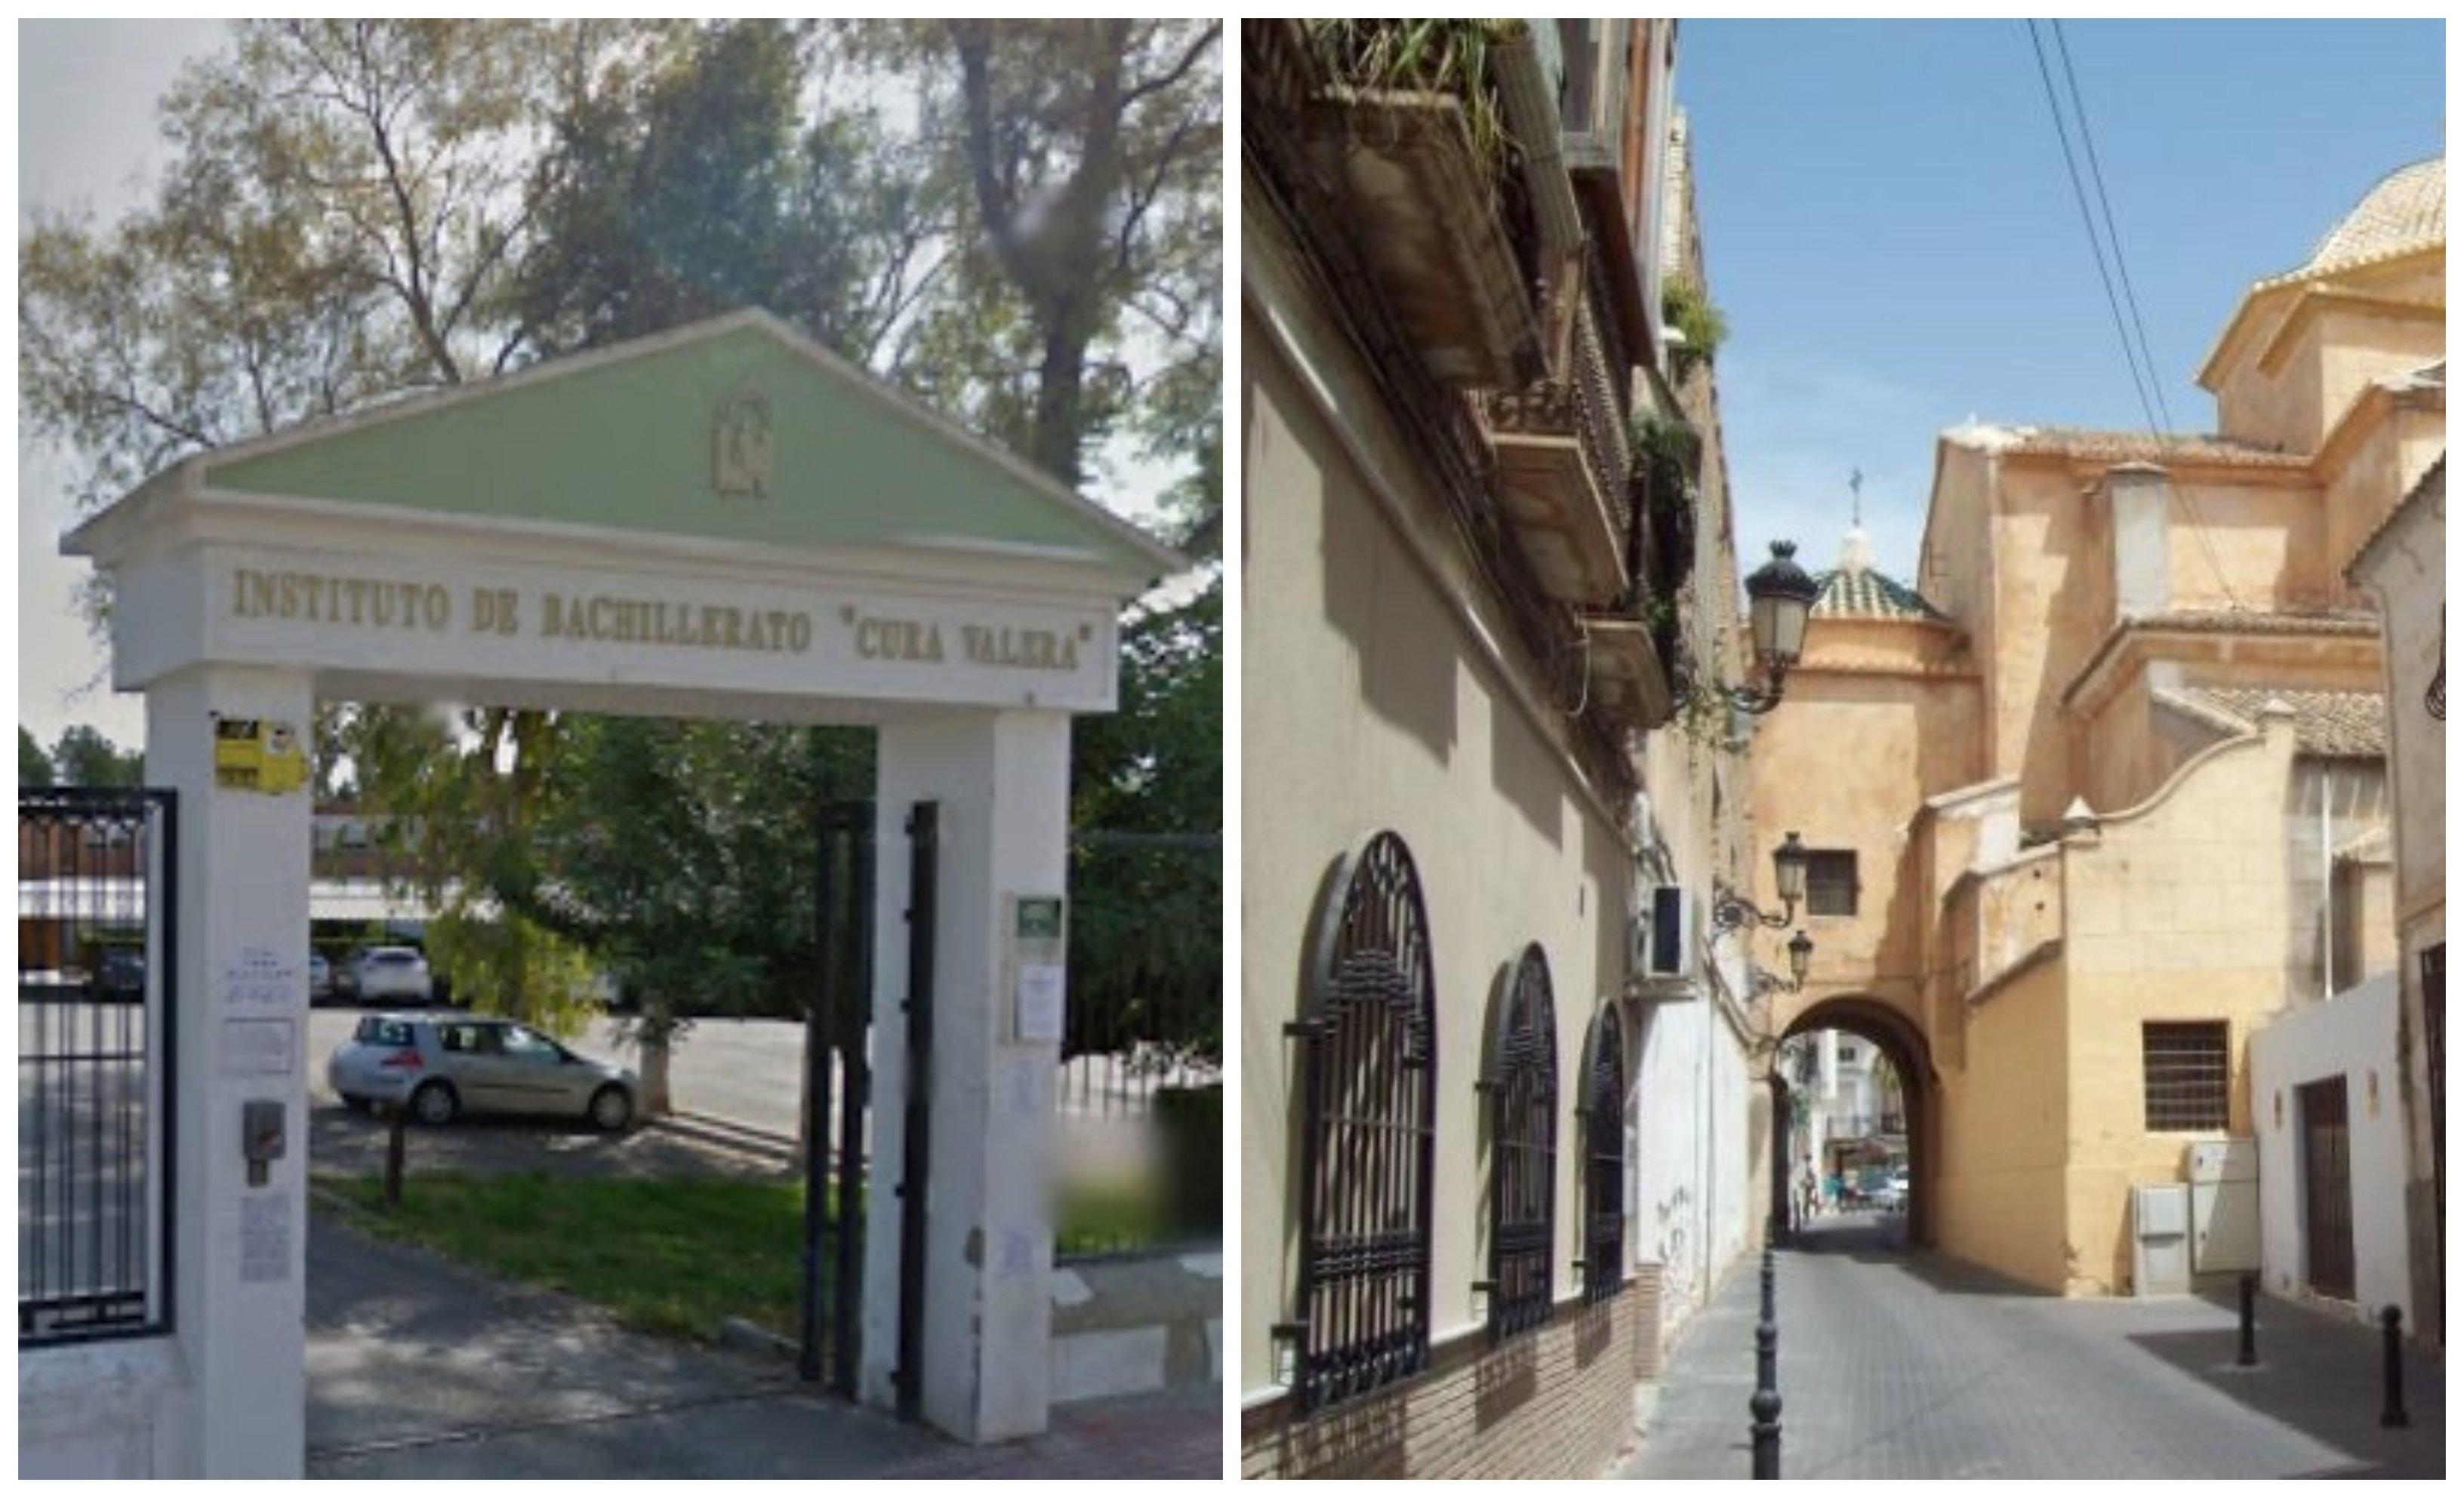 Almería: Cada día somos más progresistas: una niña de 14 años simula una felación a un niño de 14 años